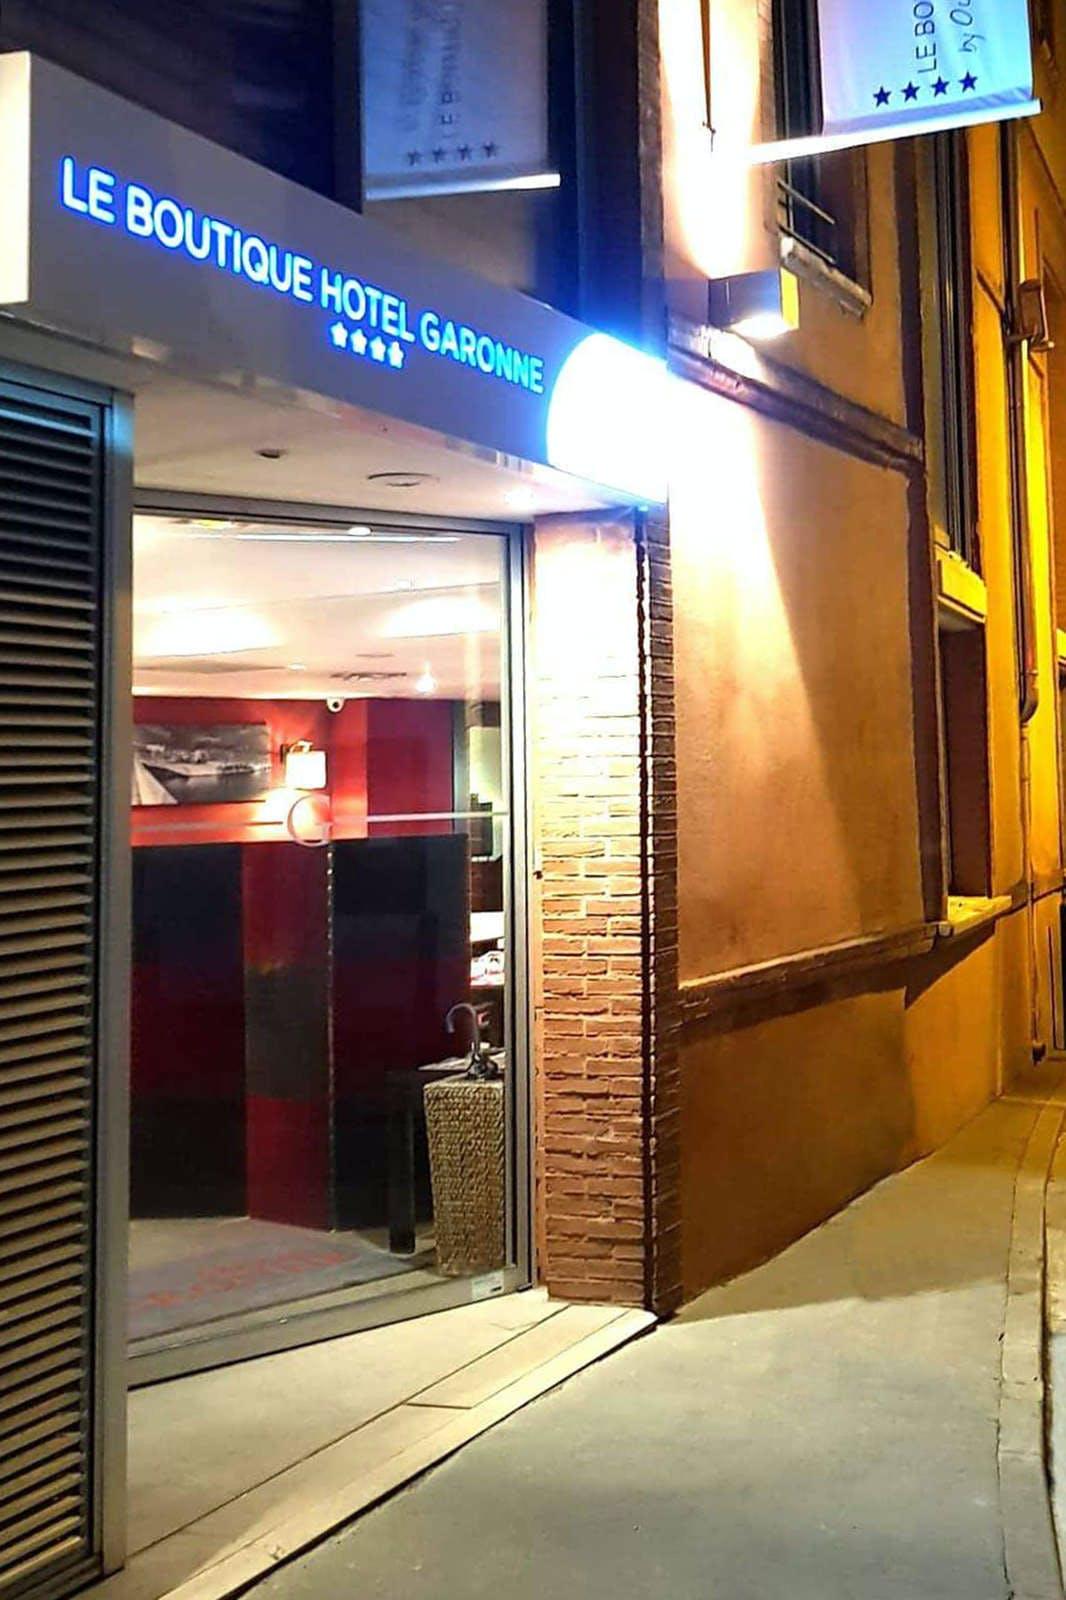 Le Boutique Hôtel Garonne